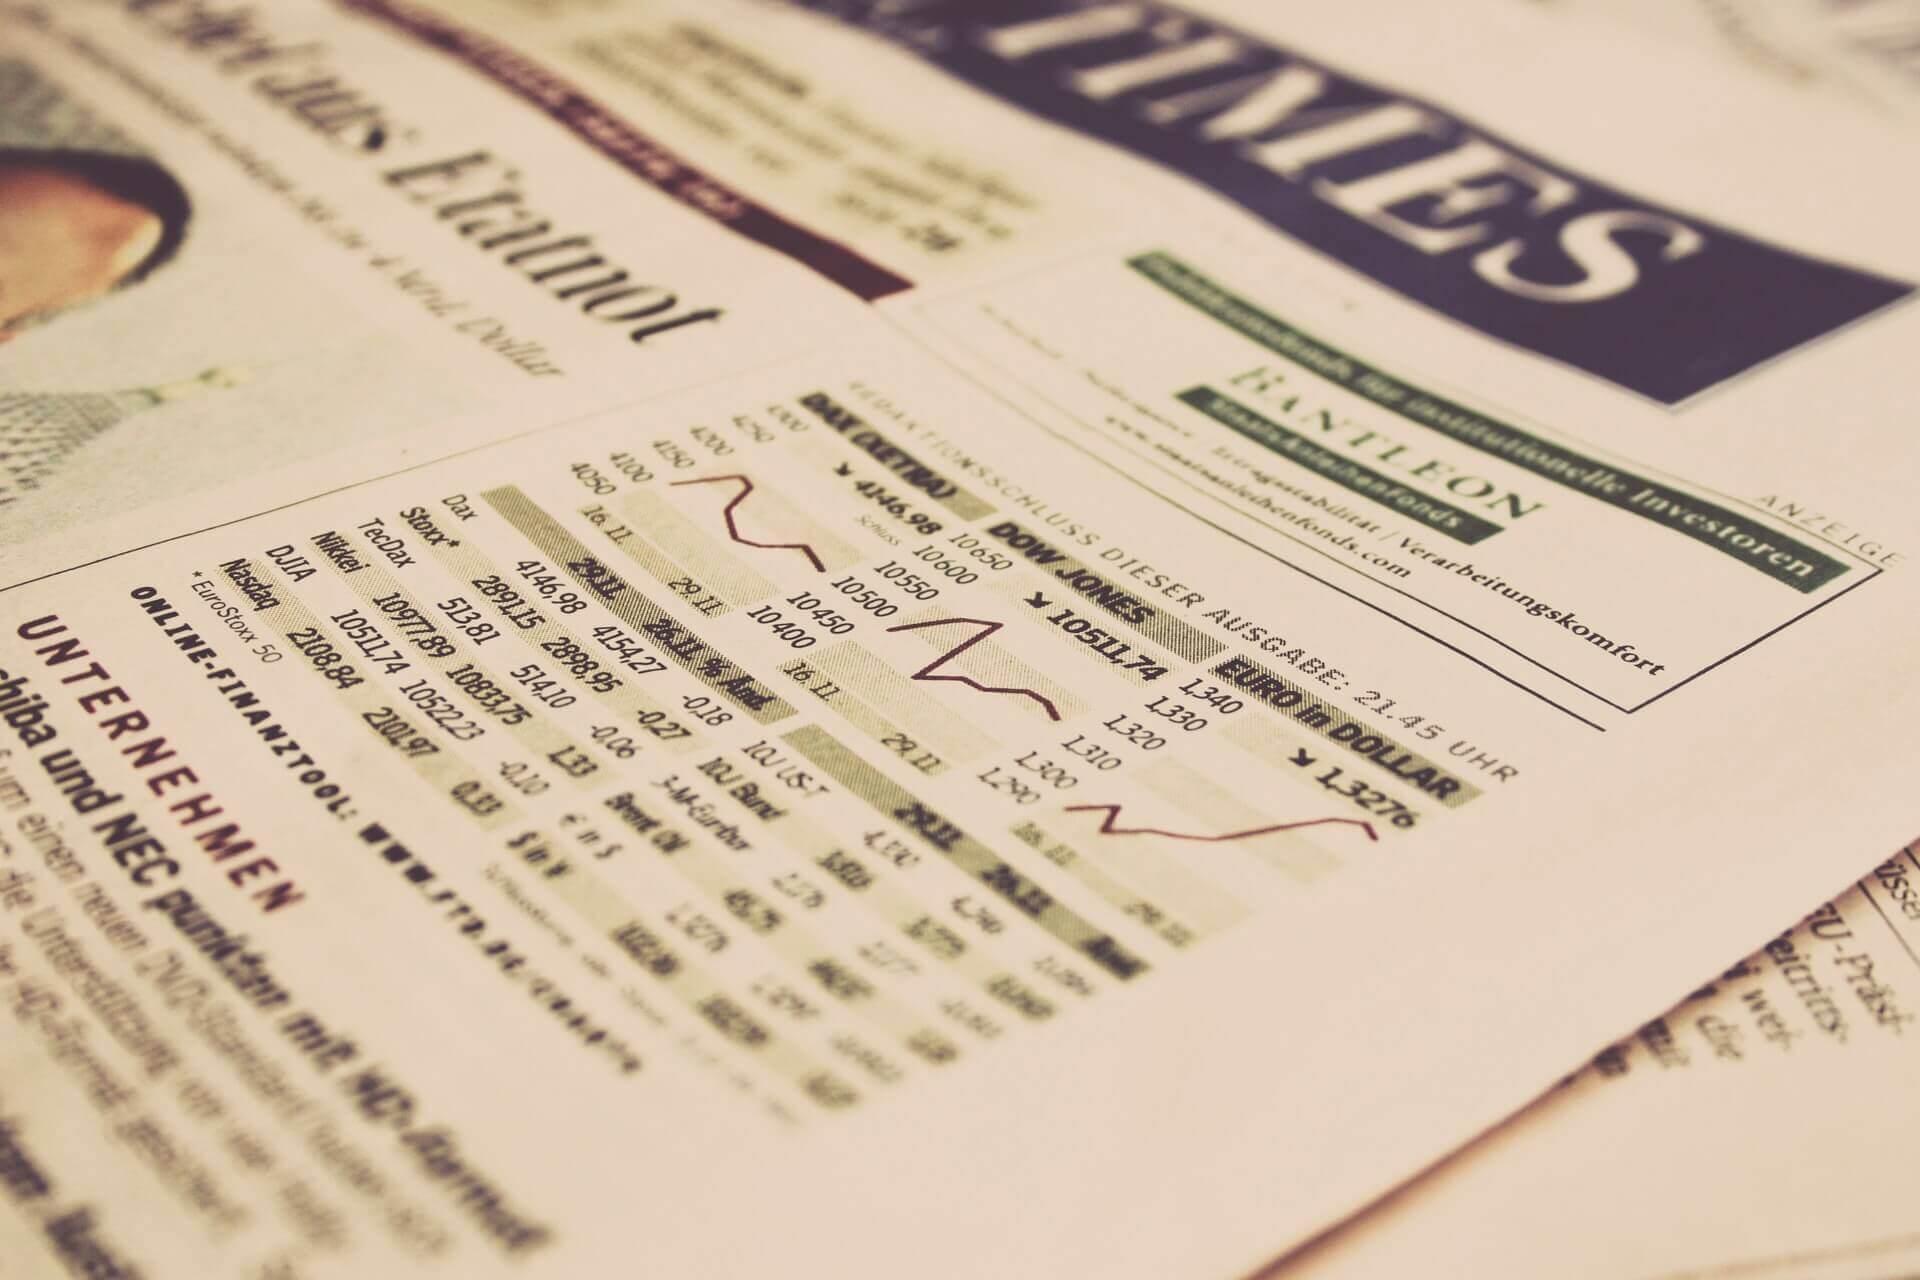 Mit Full Service Factoring den eigenen Cashflow optimal gestalten